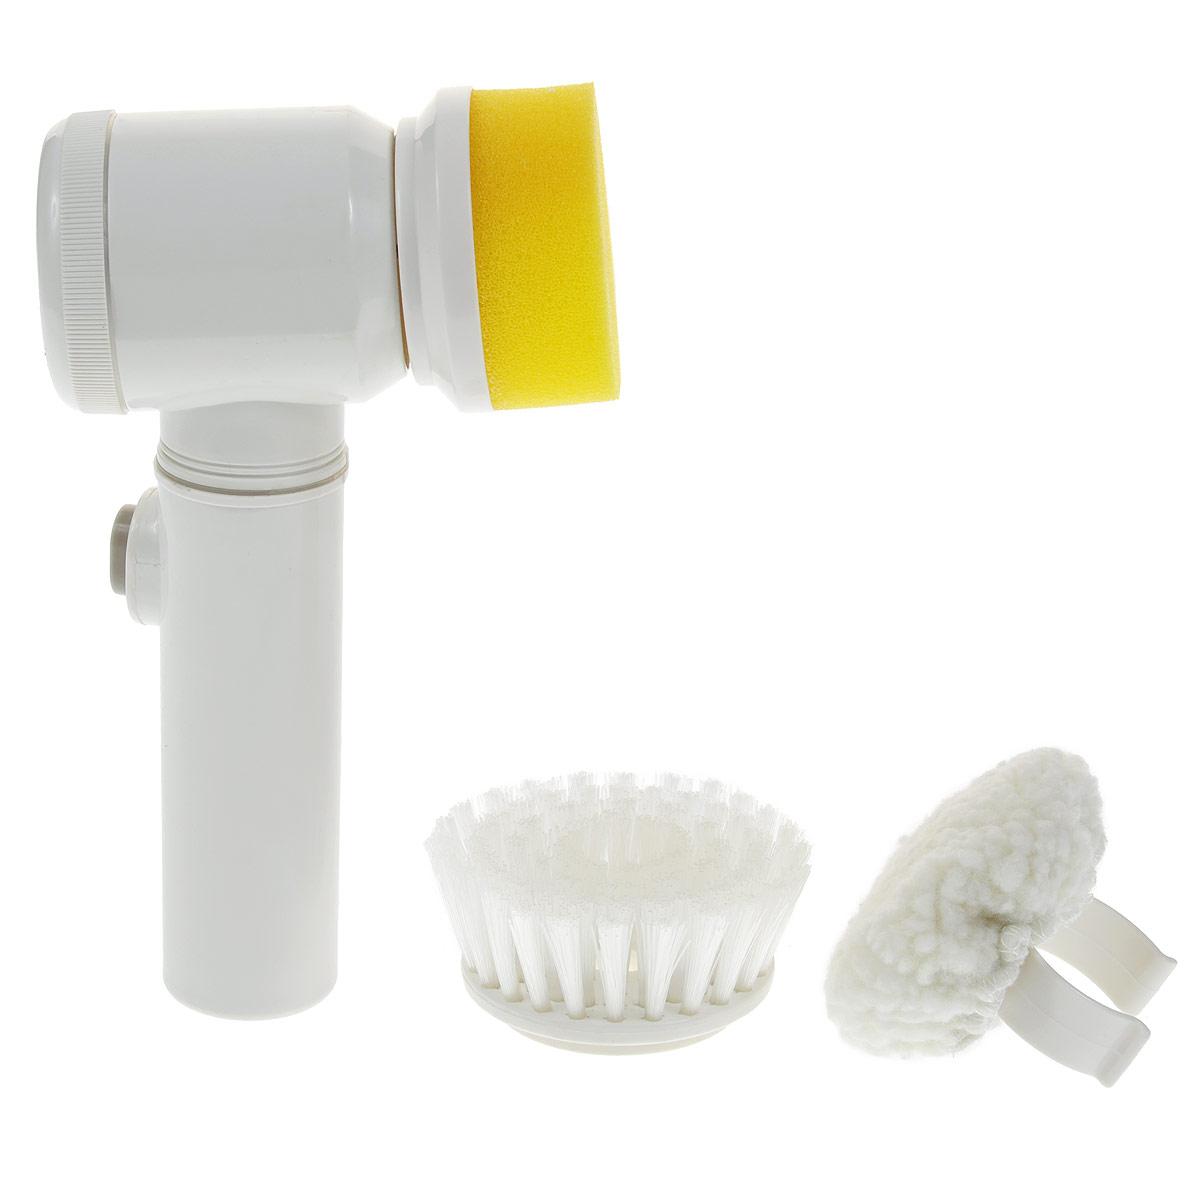 Щетка для чистки Bradex Золушка, электрическаяCLP446Каждая хозяйка знает, сколько усилий приходится прикладывать, чтобы содержать дом в чистоте. Особенно много внимания приходится уделять чистке и полировке различных поверхностей (раковины, столешницы, ванная и туалет и так далее). Нам не только приходится прилагать для этого много усилий, но также подвергать повреждениям кожу рук, постоянно контактируя с чистящими химикатами.С помощью уникальной электрической щетки Bradex Золушка вы не только сохраните нежную и чистую кожу рук без защитных перчаток и кремов, но также быстро и эффективно очистите практически любую поверхность от загрязнений.В комплект к базовой щетке идут три вида насадок (щетка, полировочная щетка и губка), которые помогут вам справиться даже с самыми стойкими и застарелыми загрязнениями на плитке, кафеле или эмали. Насадки можно использовать как отдельно, так и в сочетании с различными чистящими средствами.С помощью электрической щетки Bradex Золушка вы удалите с поверхностей въевшиеся разводы, стойкие пятна, придадите ей блеск и идеальную чистоту.Имеется удобный крючок, чтобы повесить щетку на стену и тем самым оптимизировать пространство.Необходимо докупить 4 батареи напряжением 1,5V типа АА (не входят в комплект).Размер щетки (без учета насадок): 20 см х 7,5 см х 6,5 см.Диаметр насадки-губки: 7 см.Диаметр насадки-щетки: 8 см.